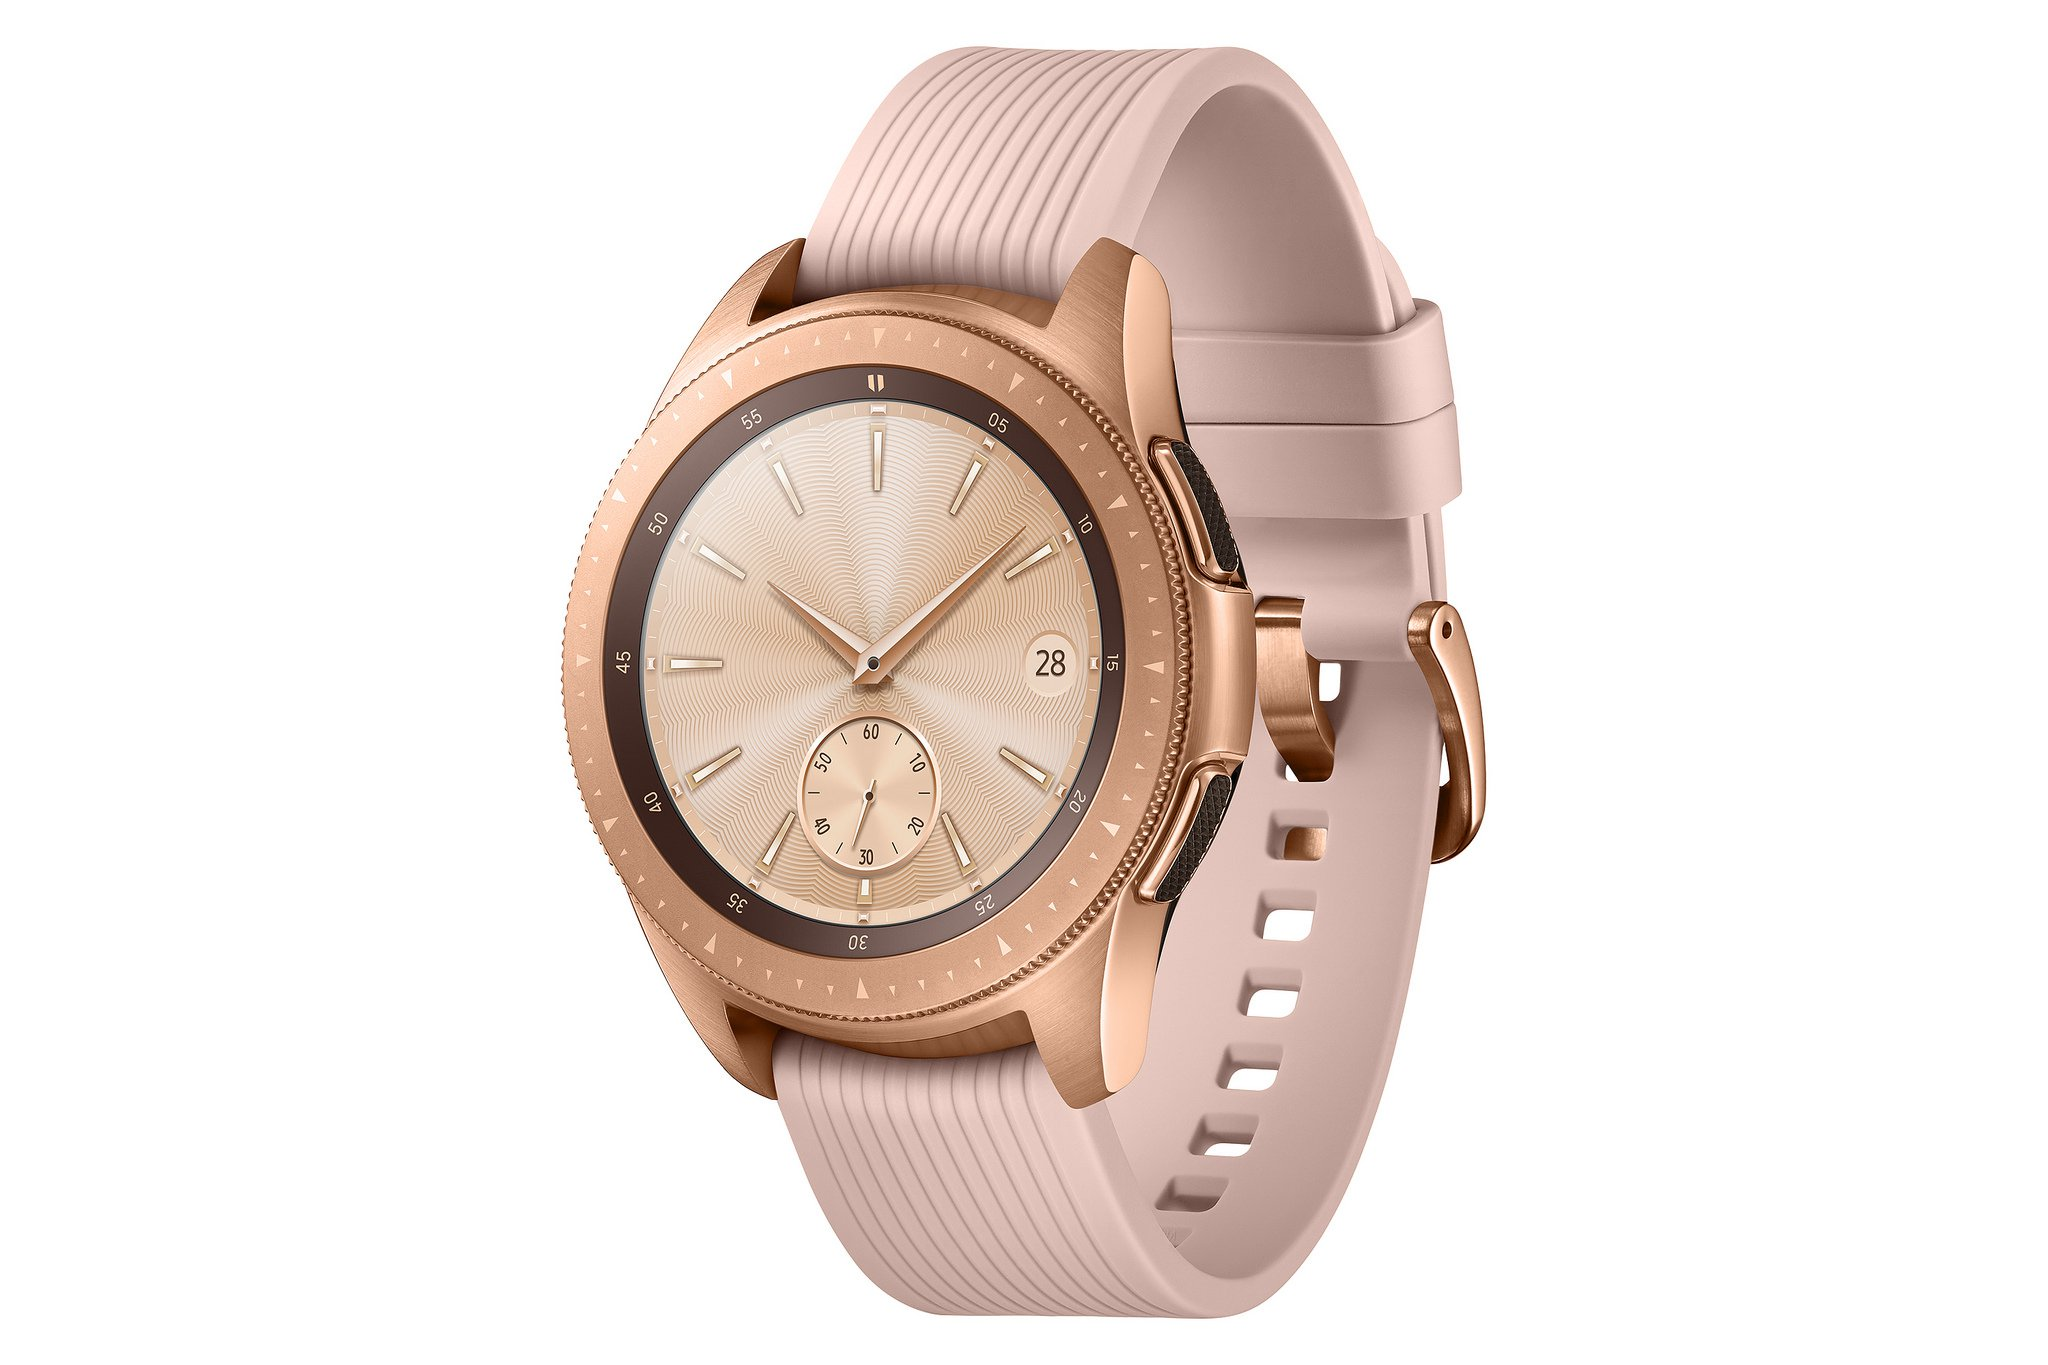 Натуральная классический кожаный ремешок для samsung шестерни s3 группа frontier ремешок для шестерни s3 классический ремешок дл galaxy watch - это сочетание элегантного дизайна классических часов с передовыми технологиями из мира умных гаджетов.